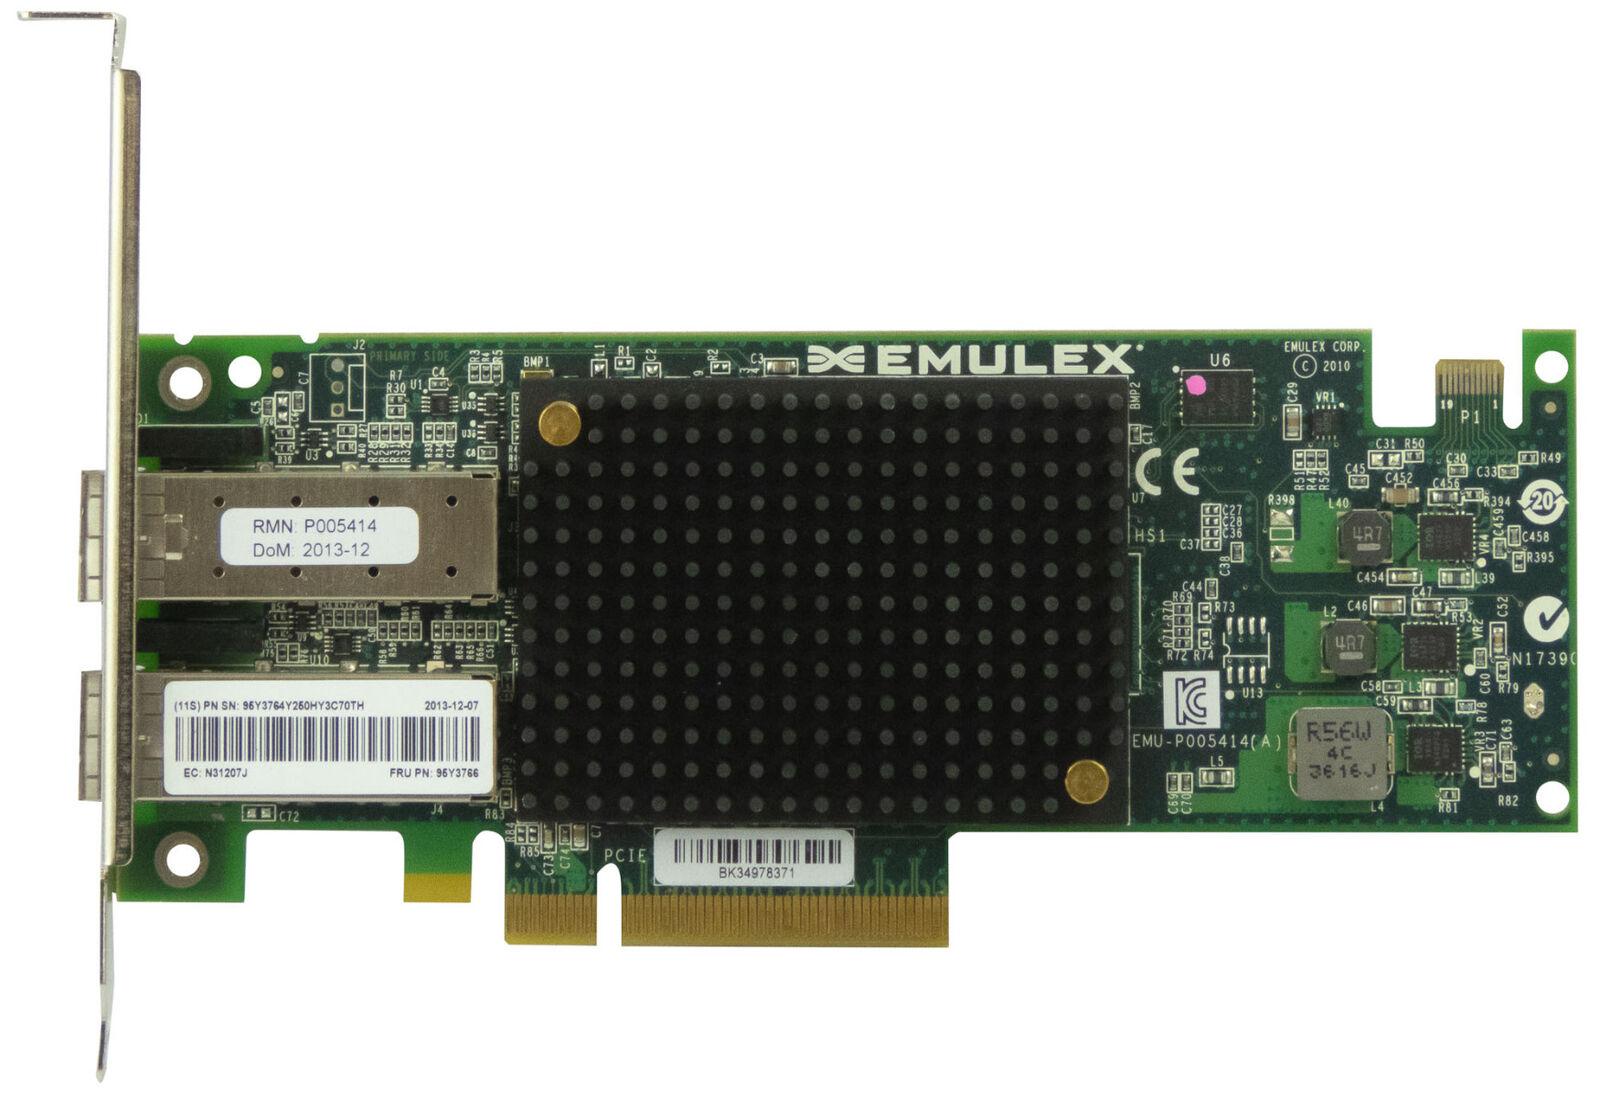 IBM 95y3766 Dual 10gbe sfp + pcie